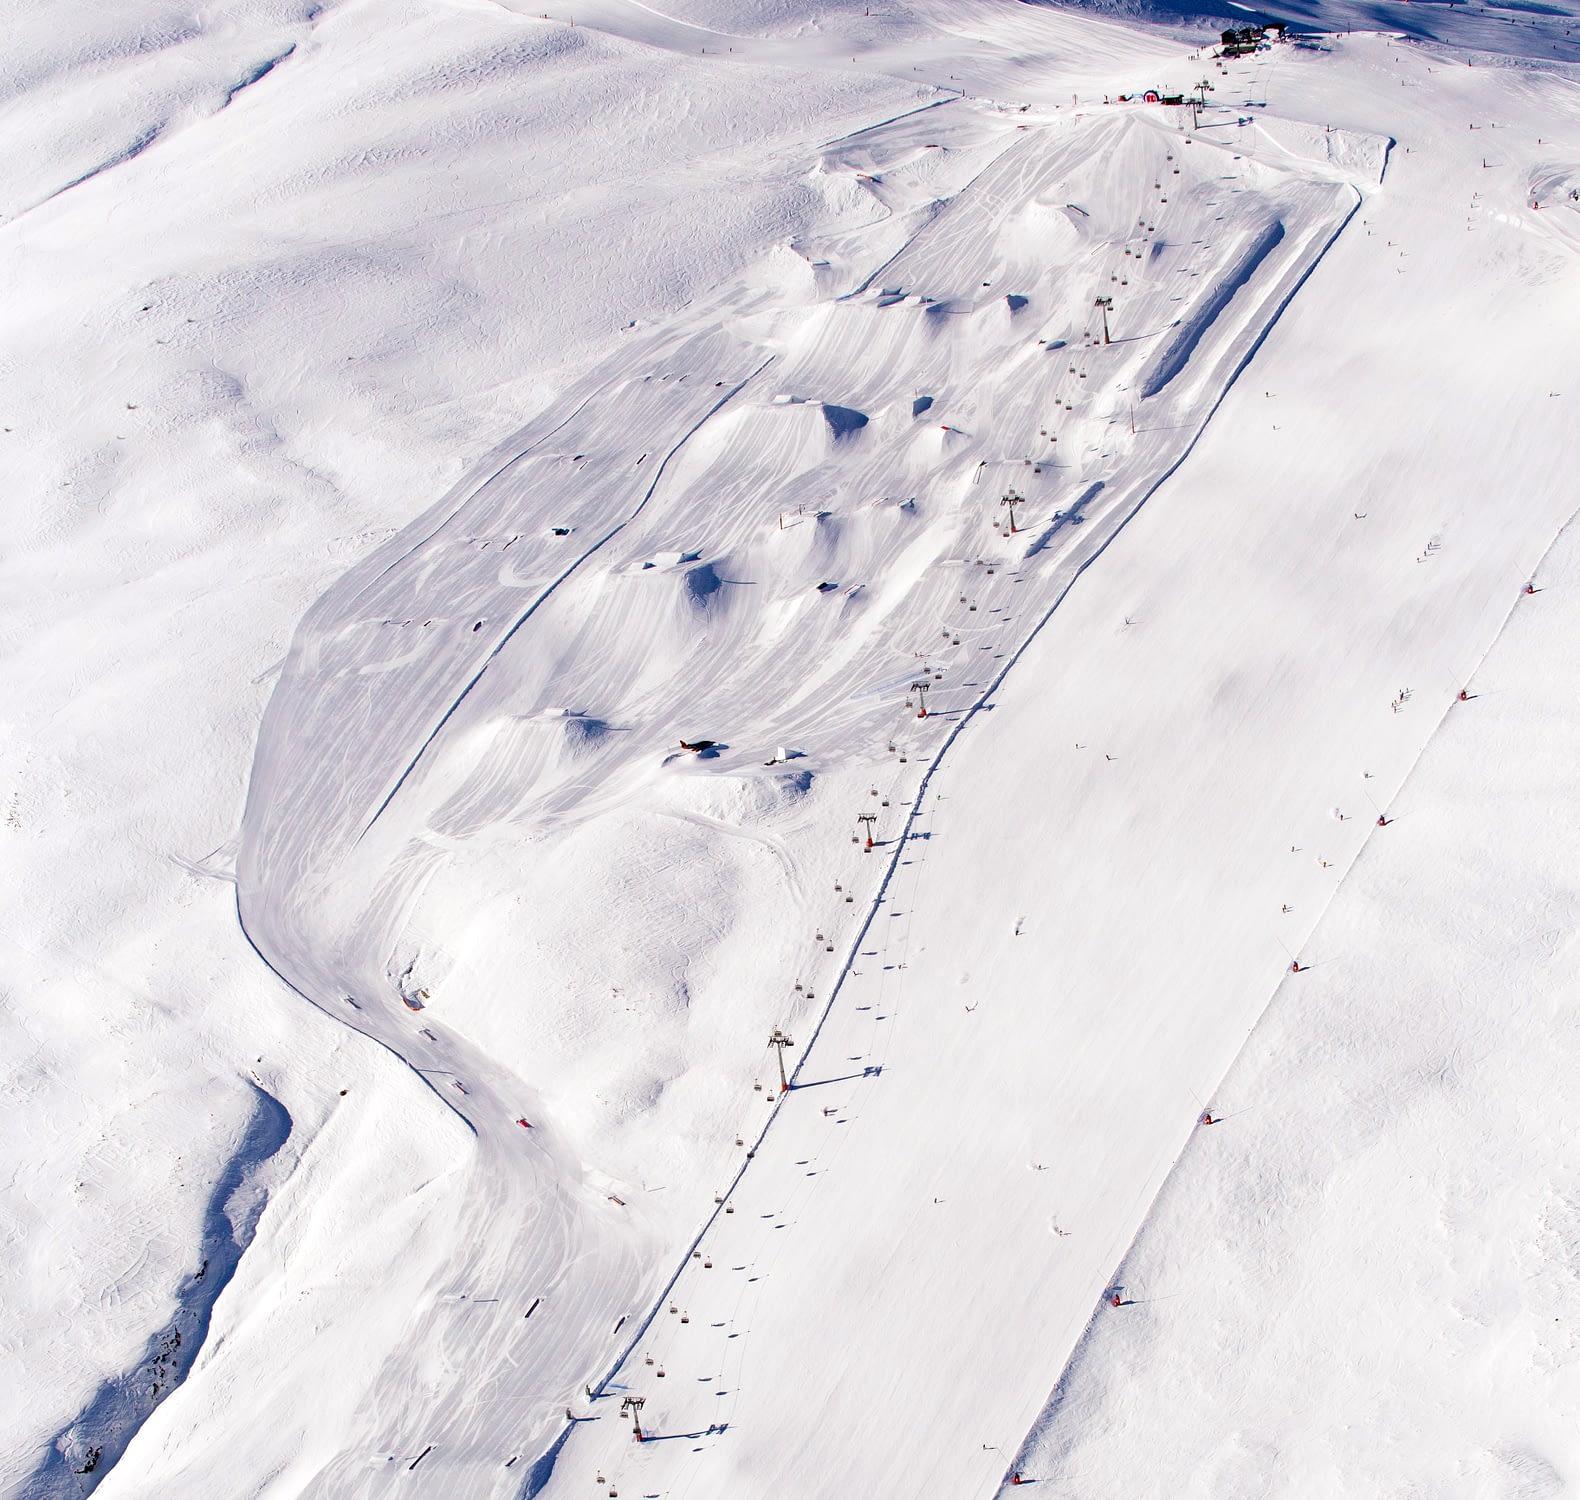 Snowpark Mottolino dall'alto